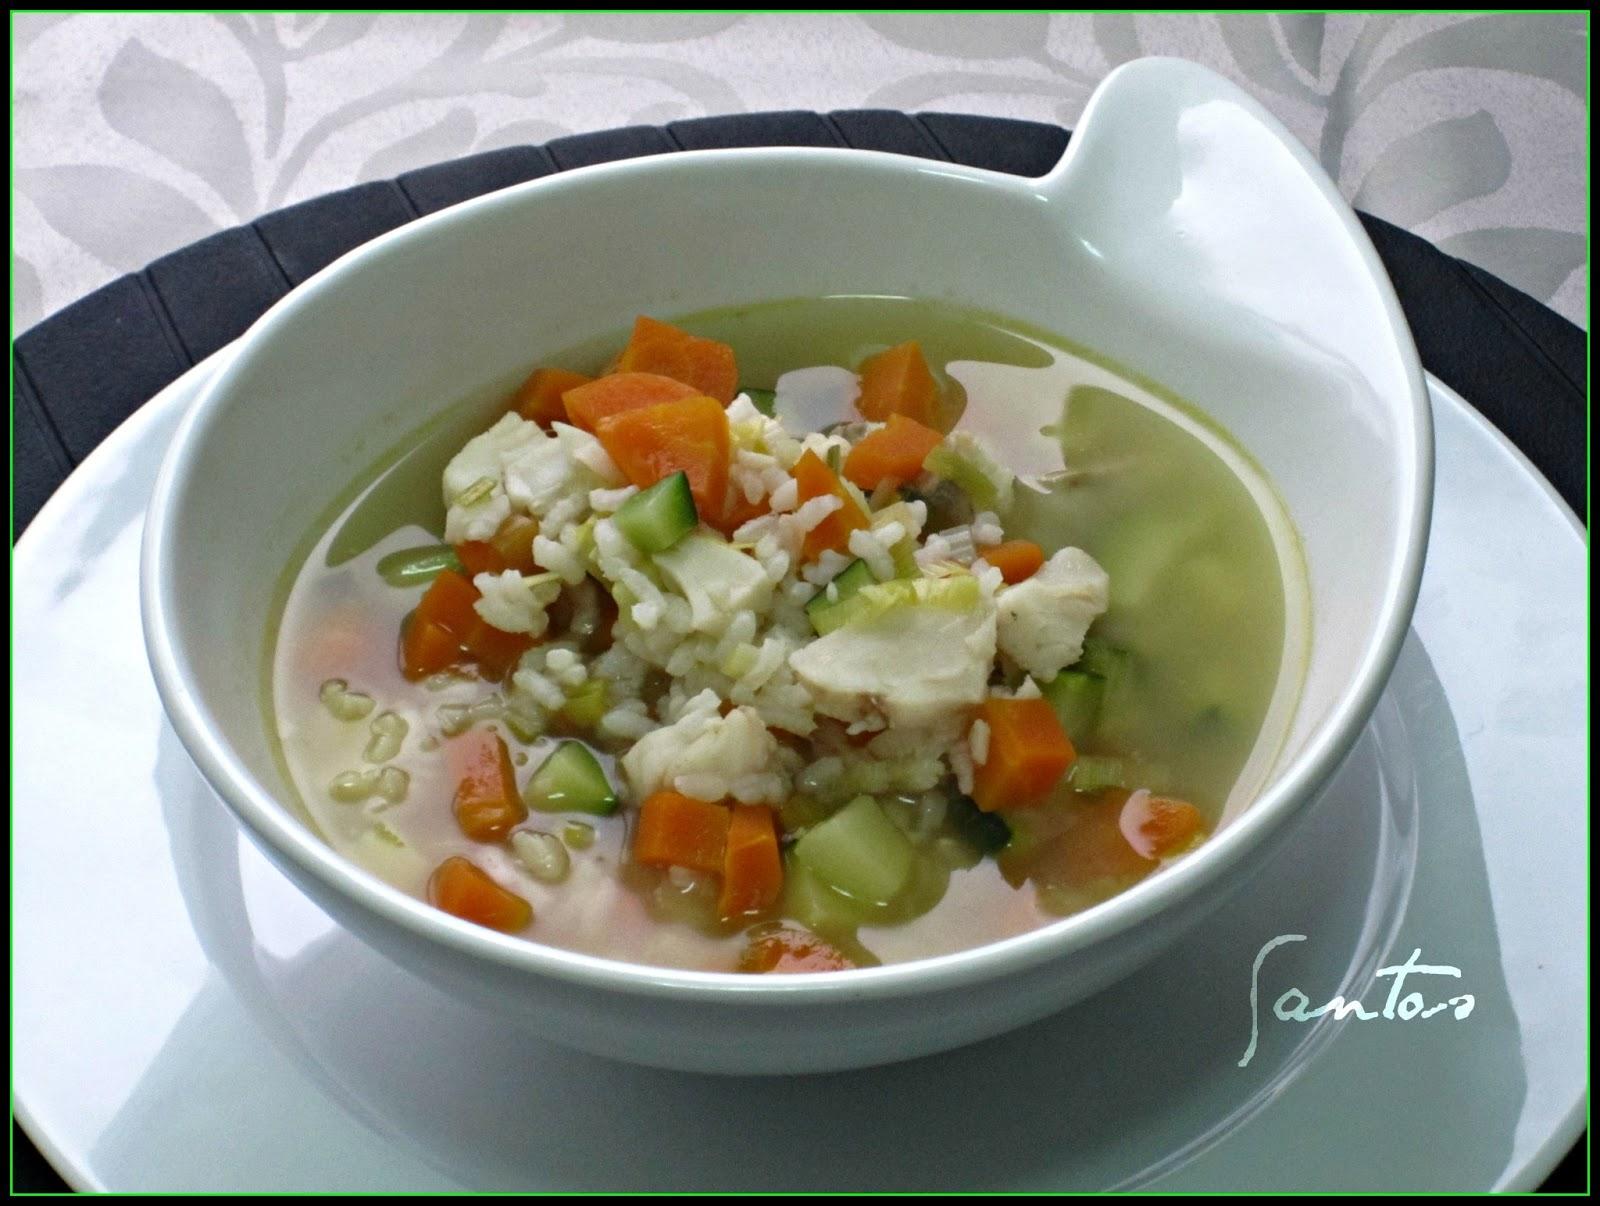 Las tentaciones de los santos sopa de arroz y verduras - Arroz con pescado y verduras ...